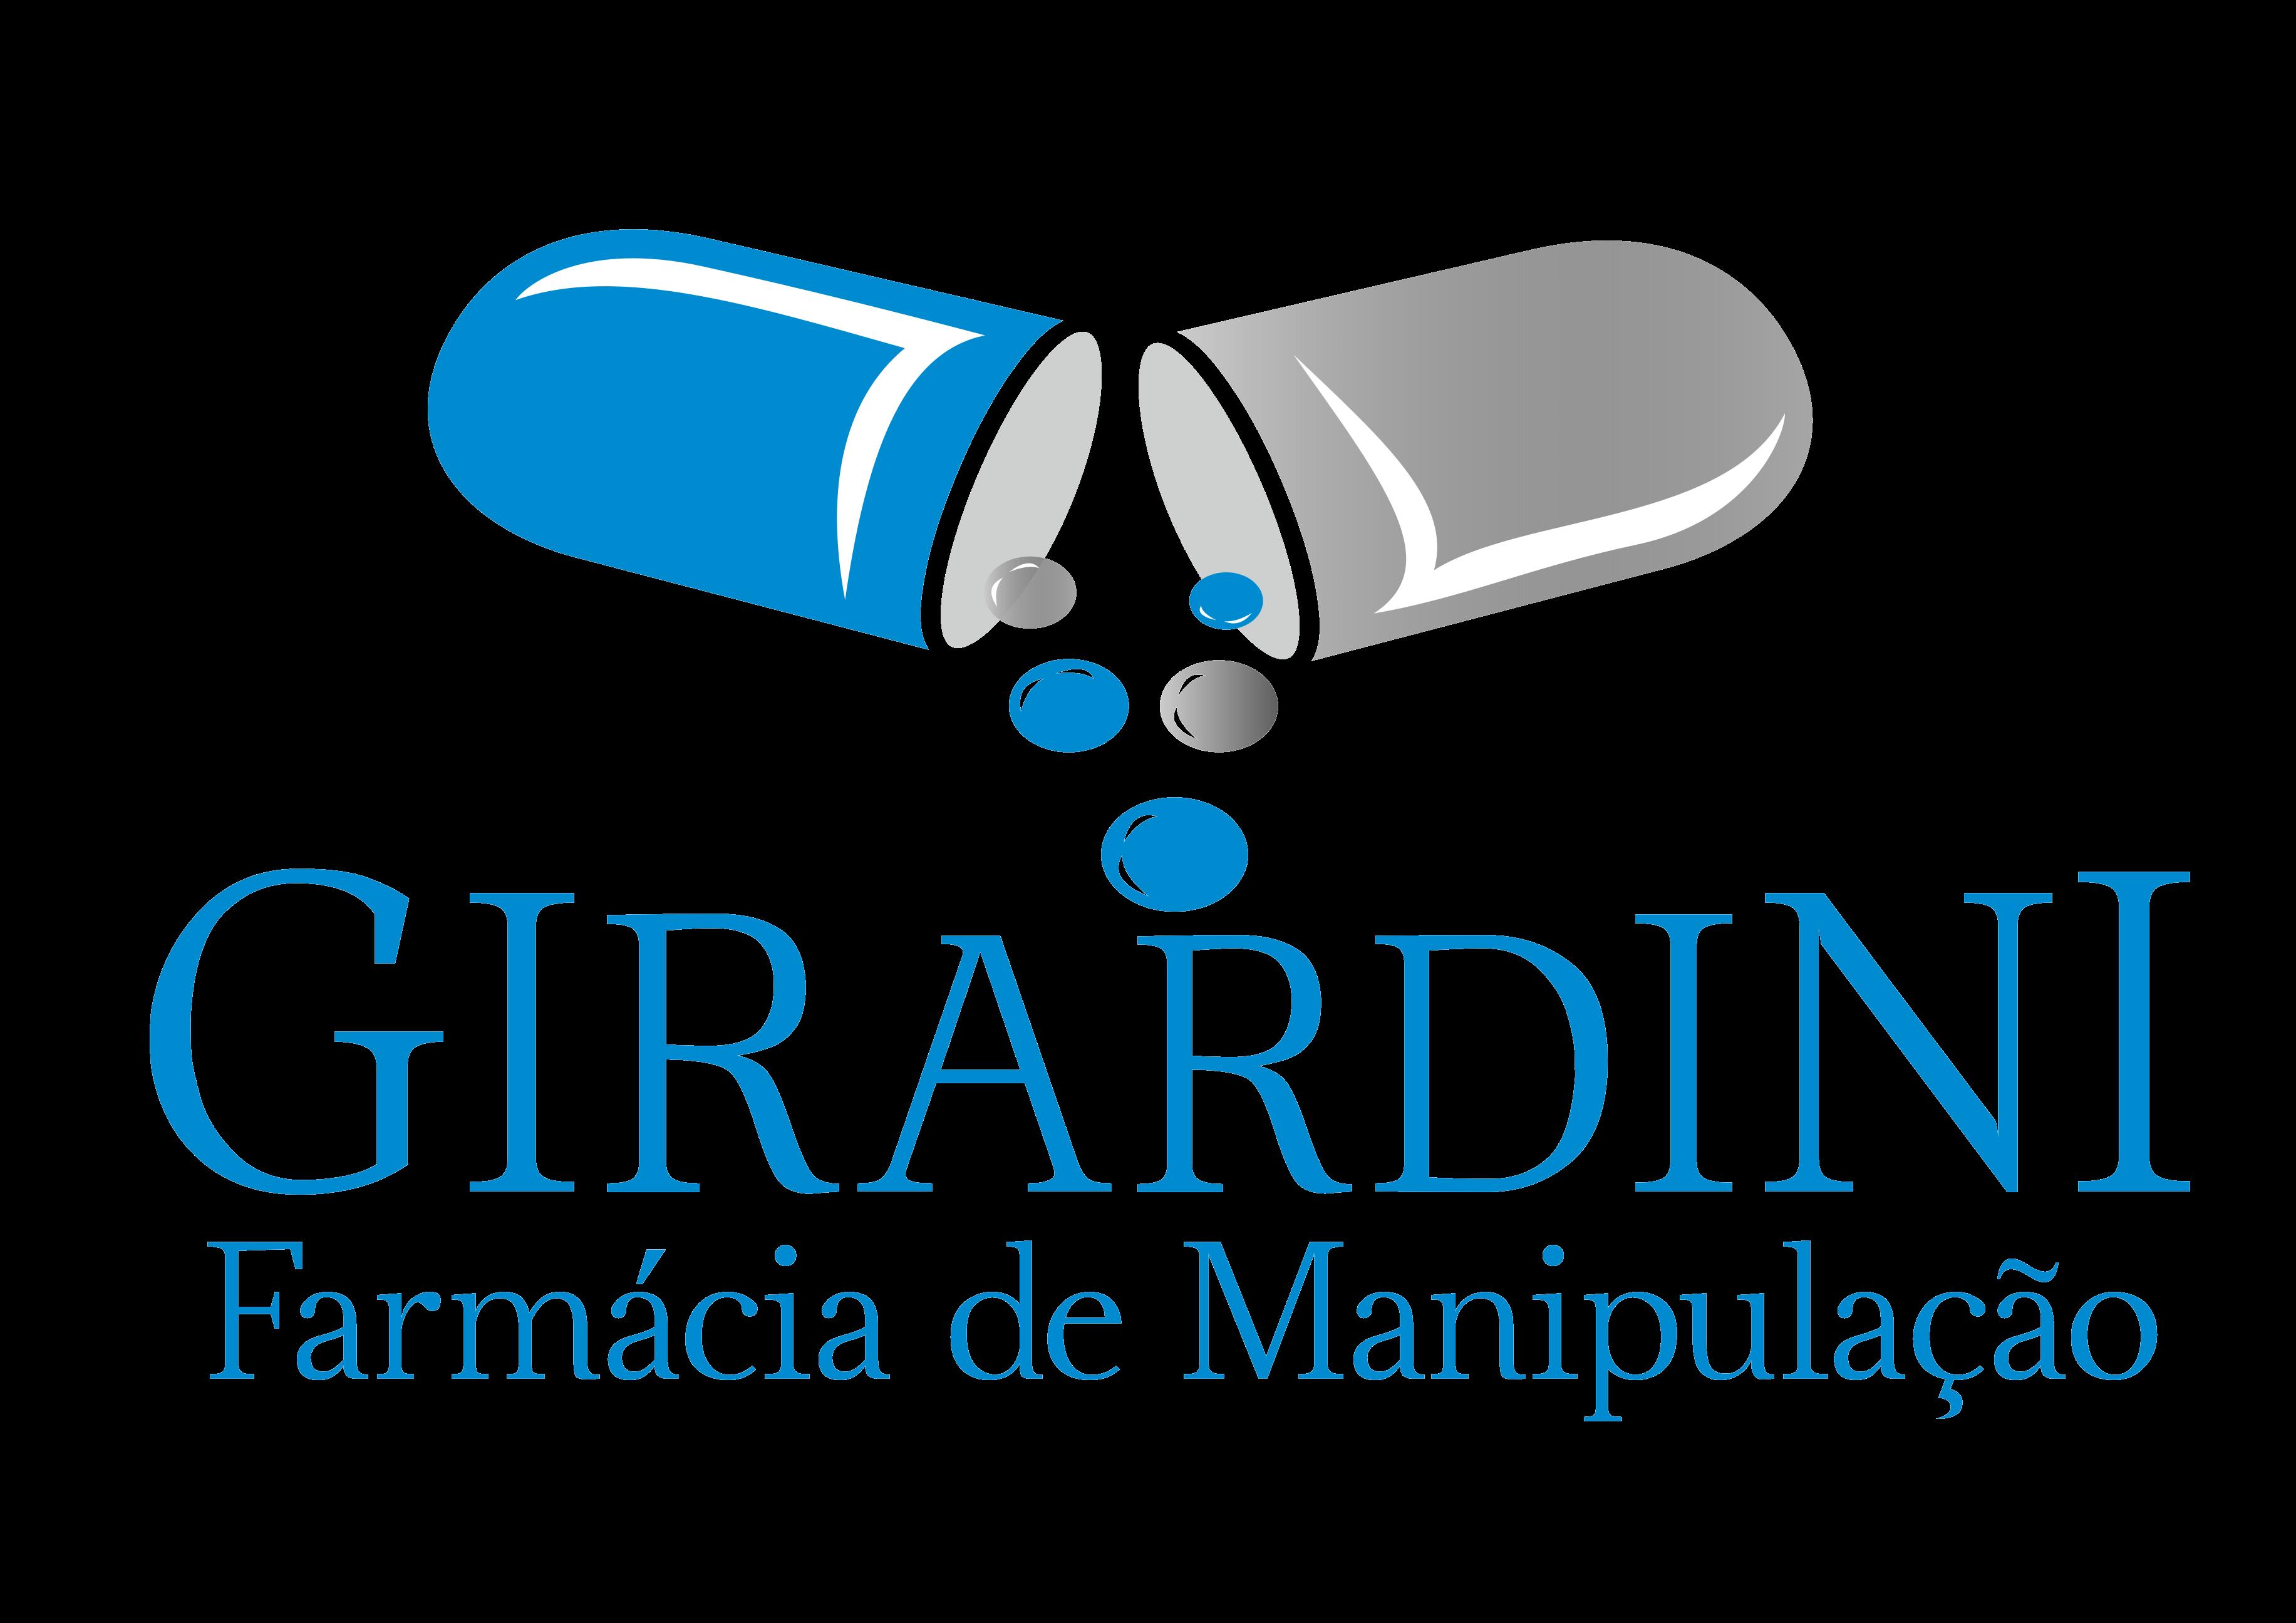 Logo de FARMÁCIA DE MANIPULAÇÃO GIRARDINI